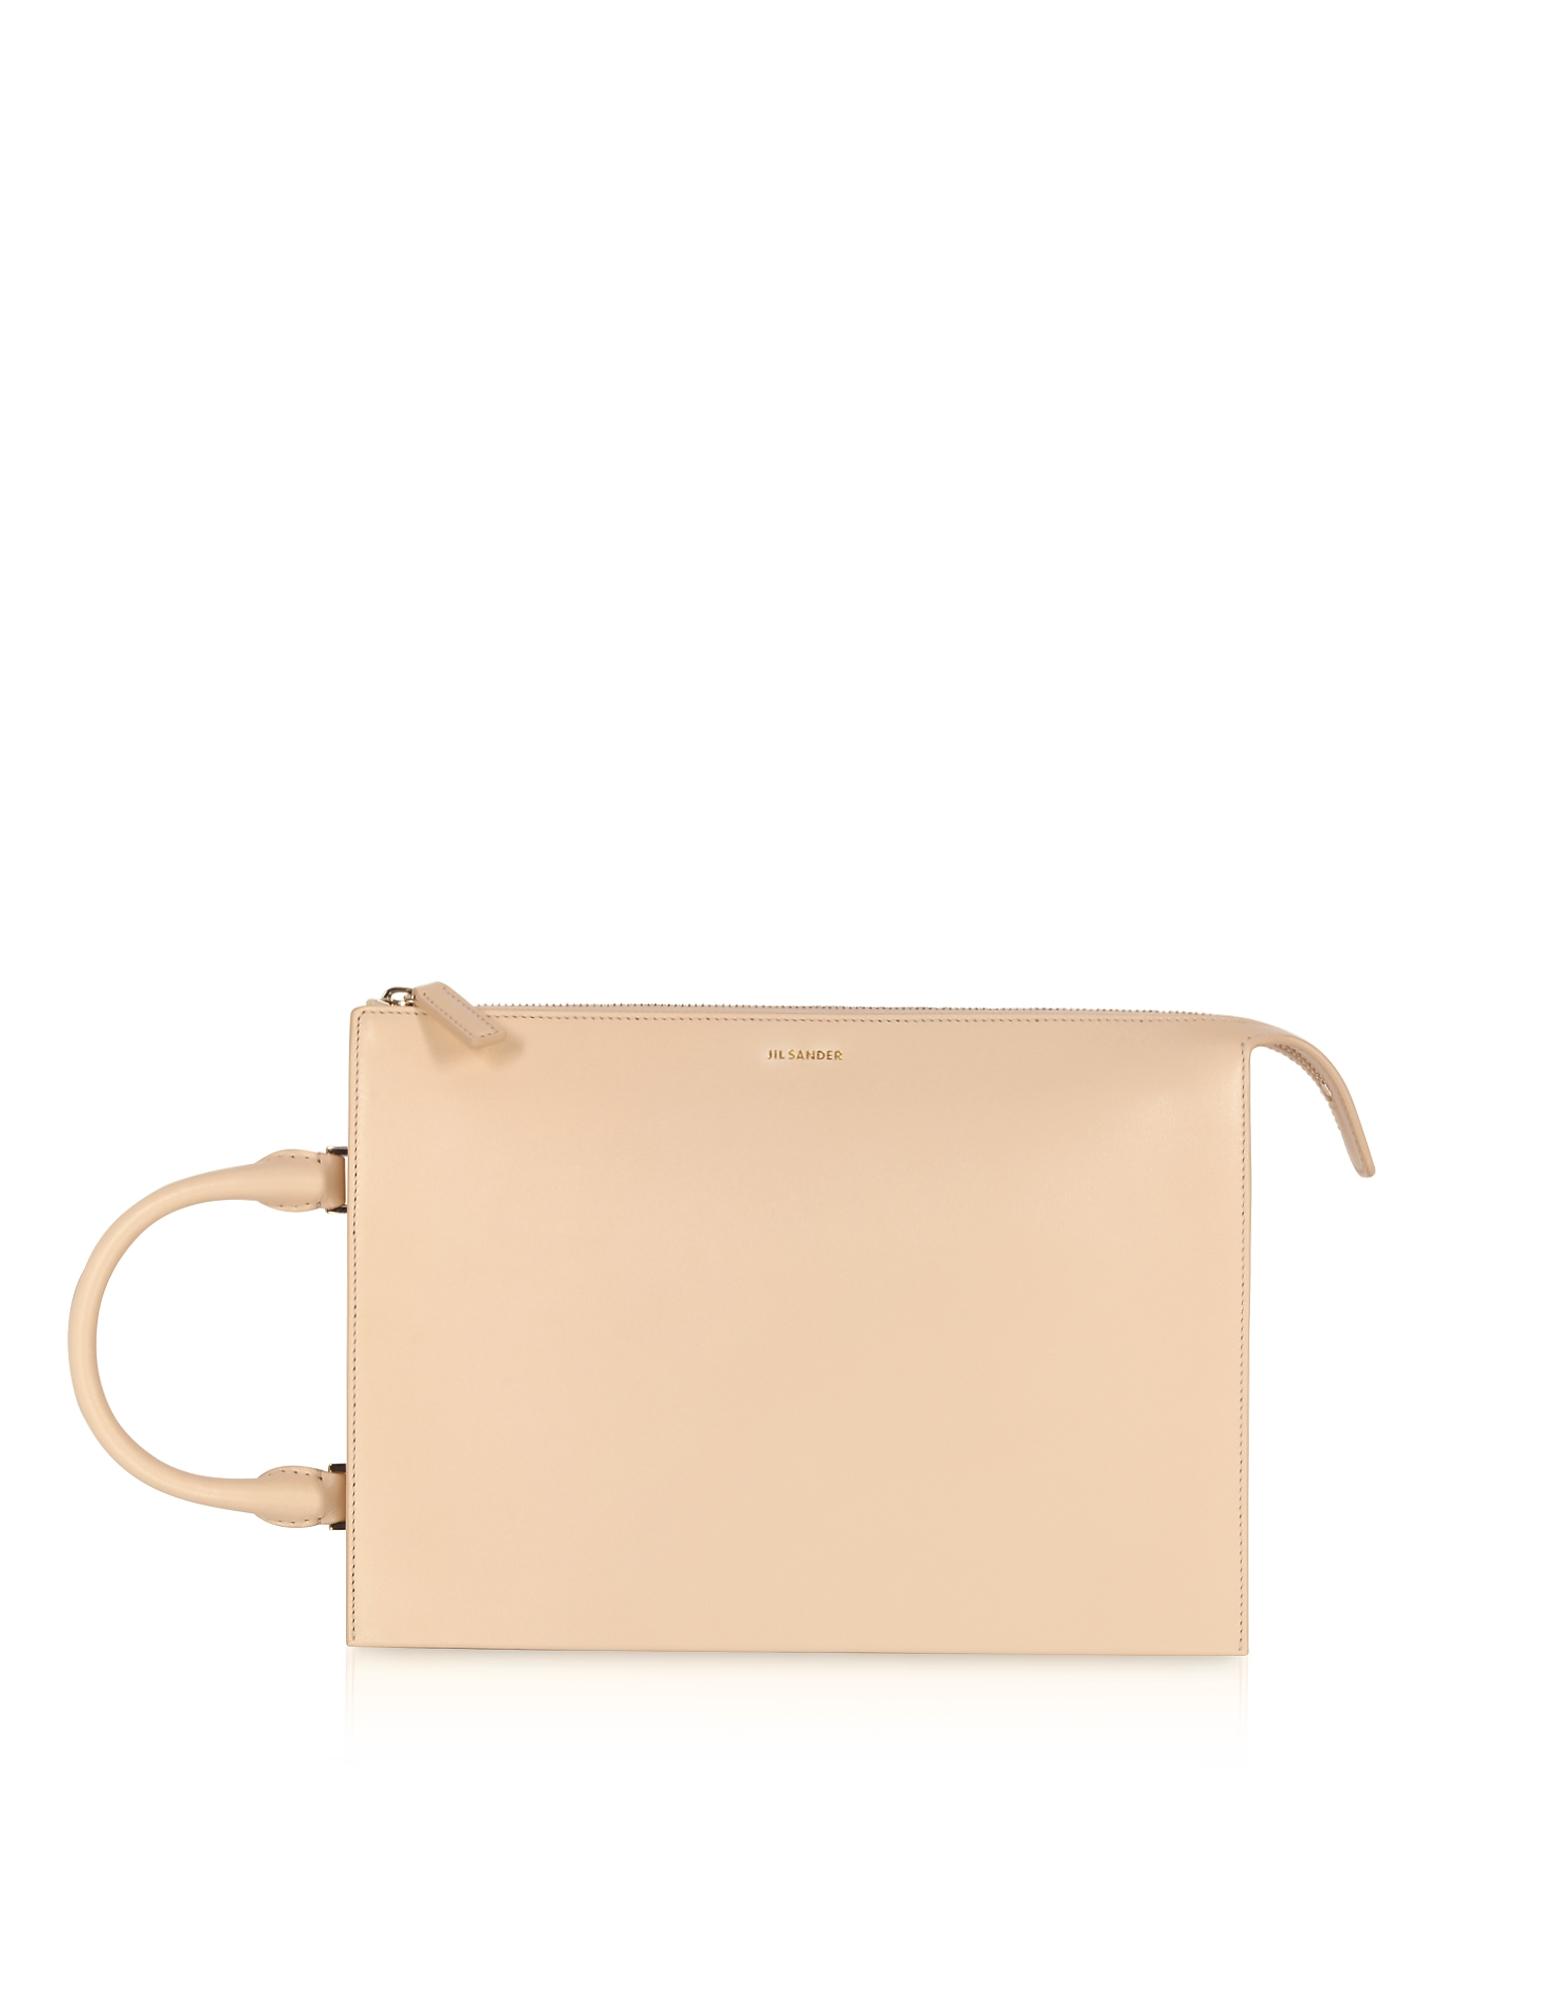 Jil Sander Handbags, Tootie Medium Knitted Leather Handbag